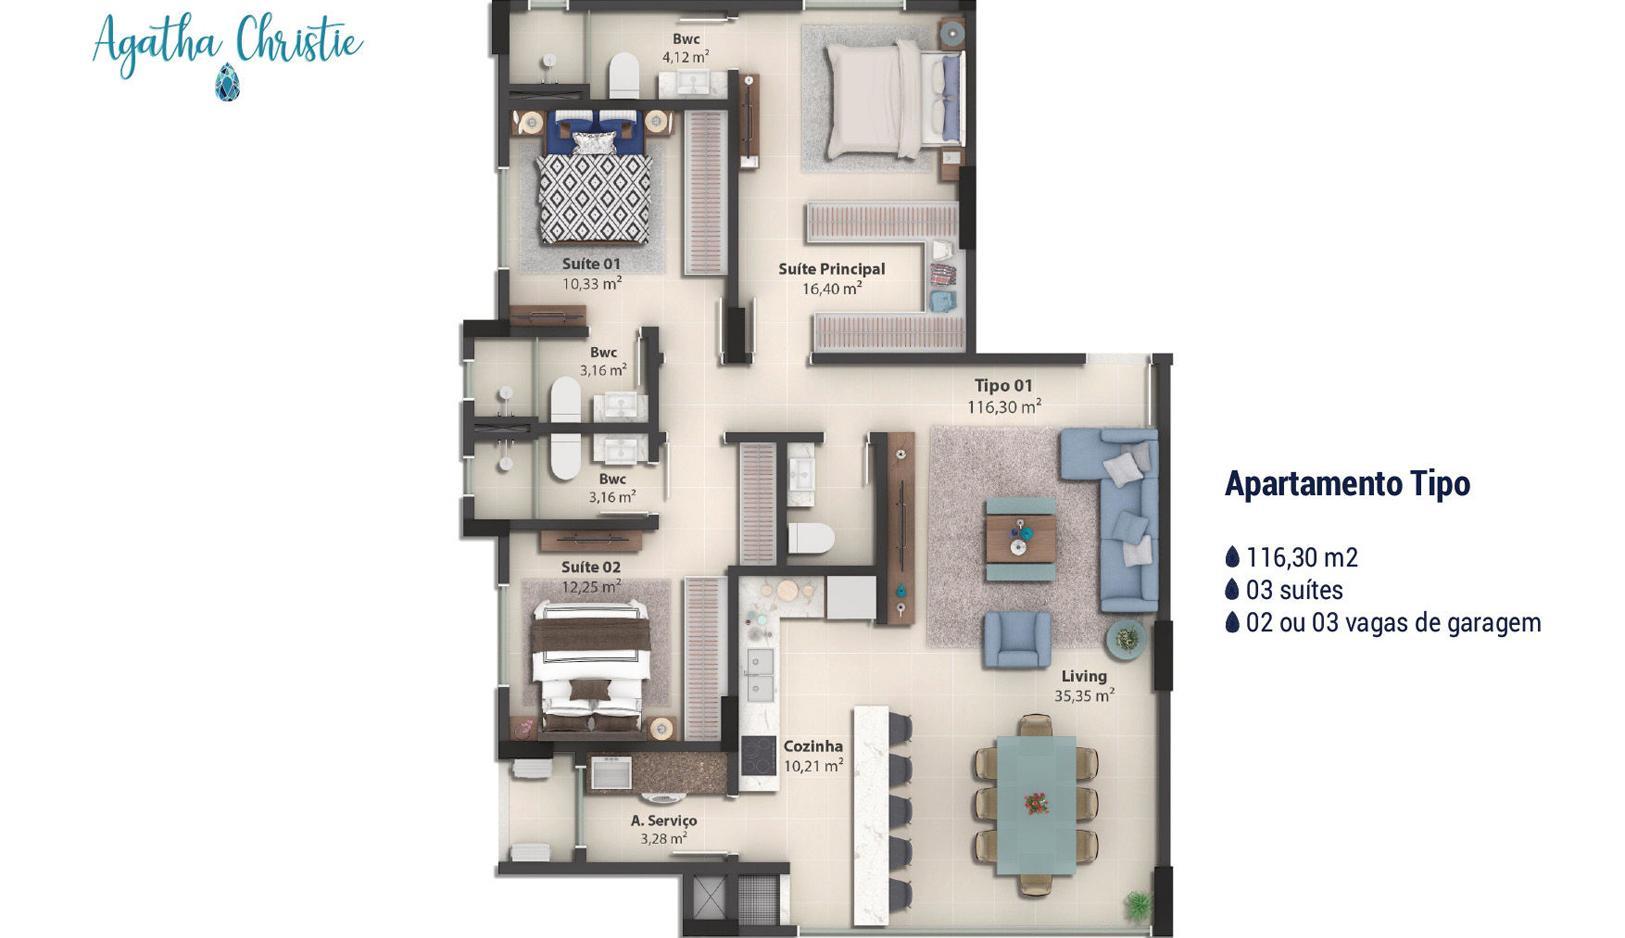 Apartamento no Agatha Christie em Balneário Camboriú